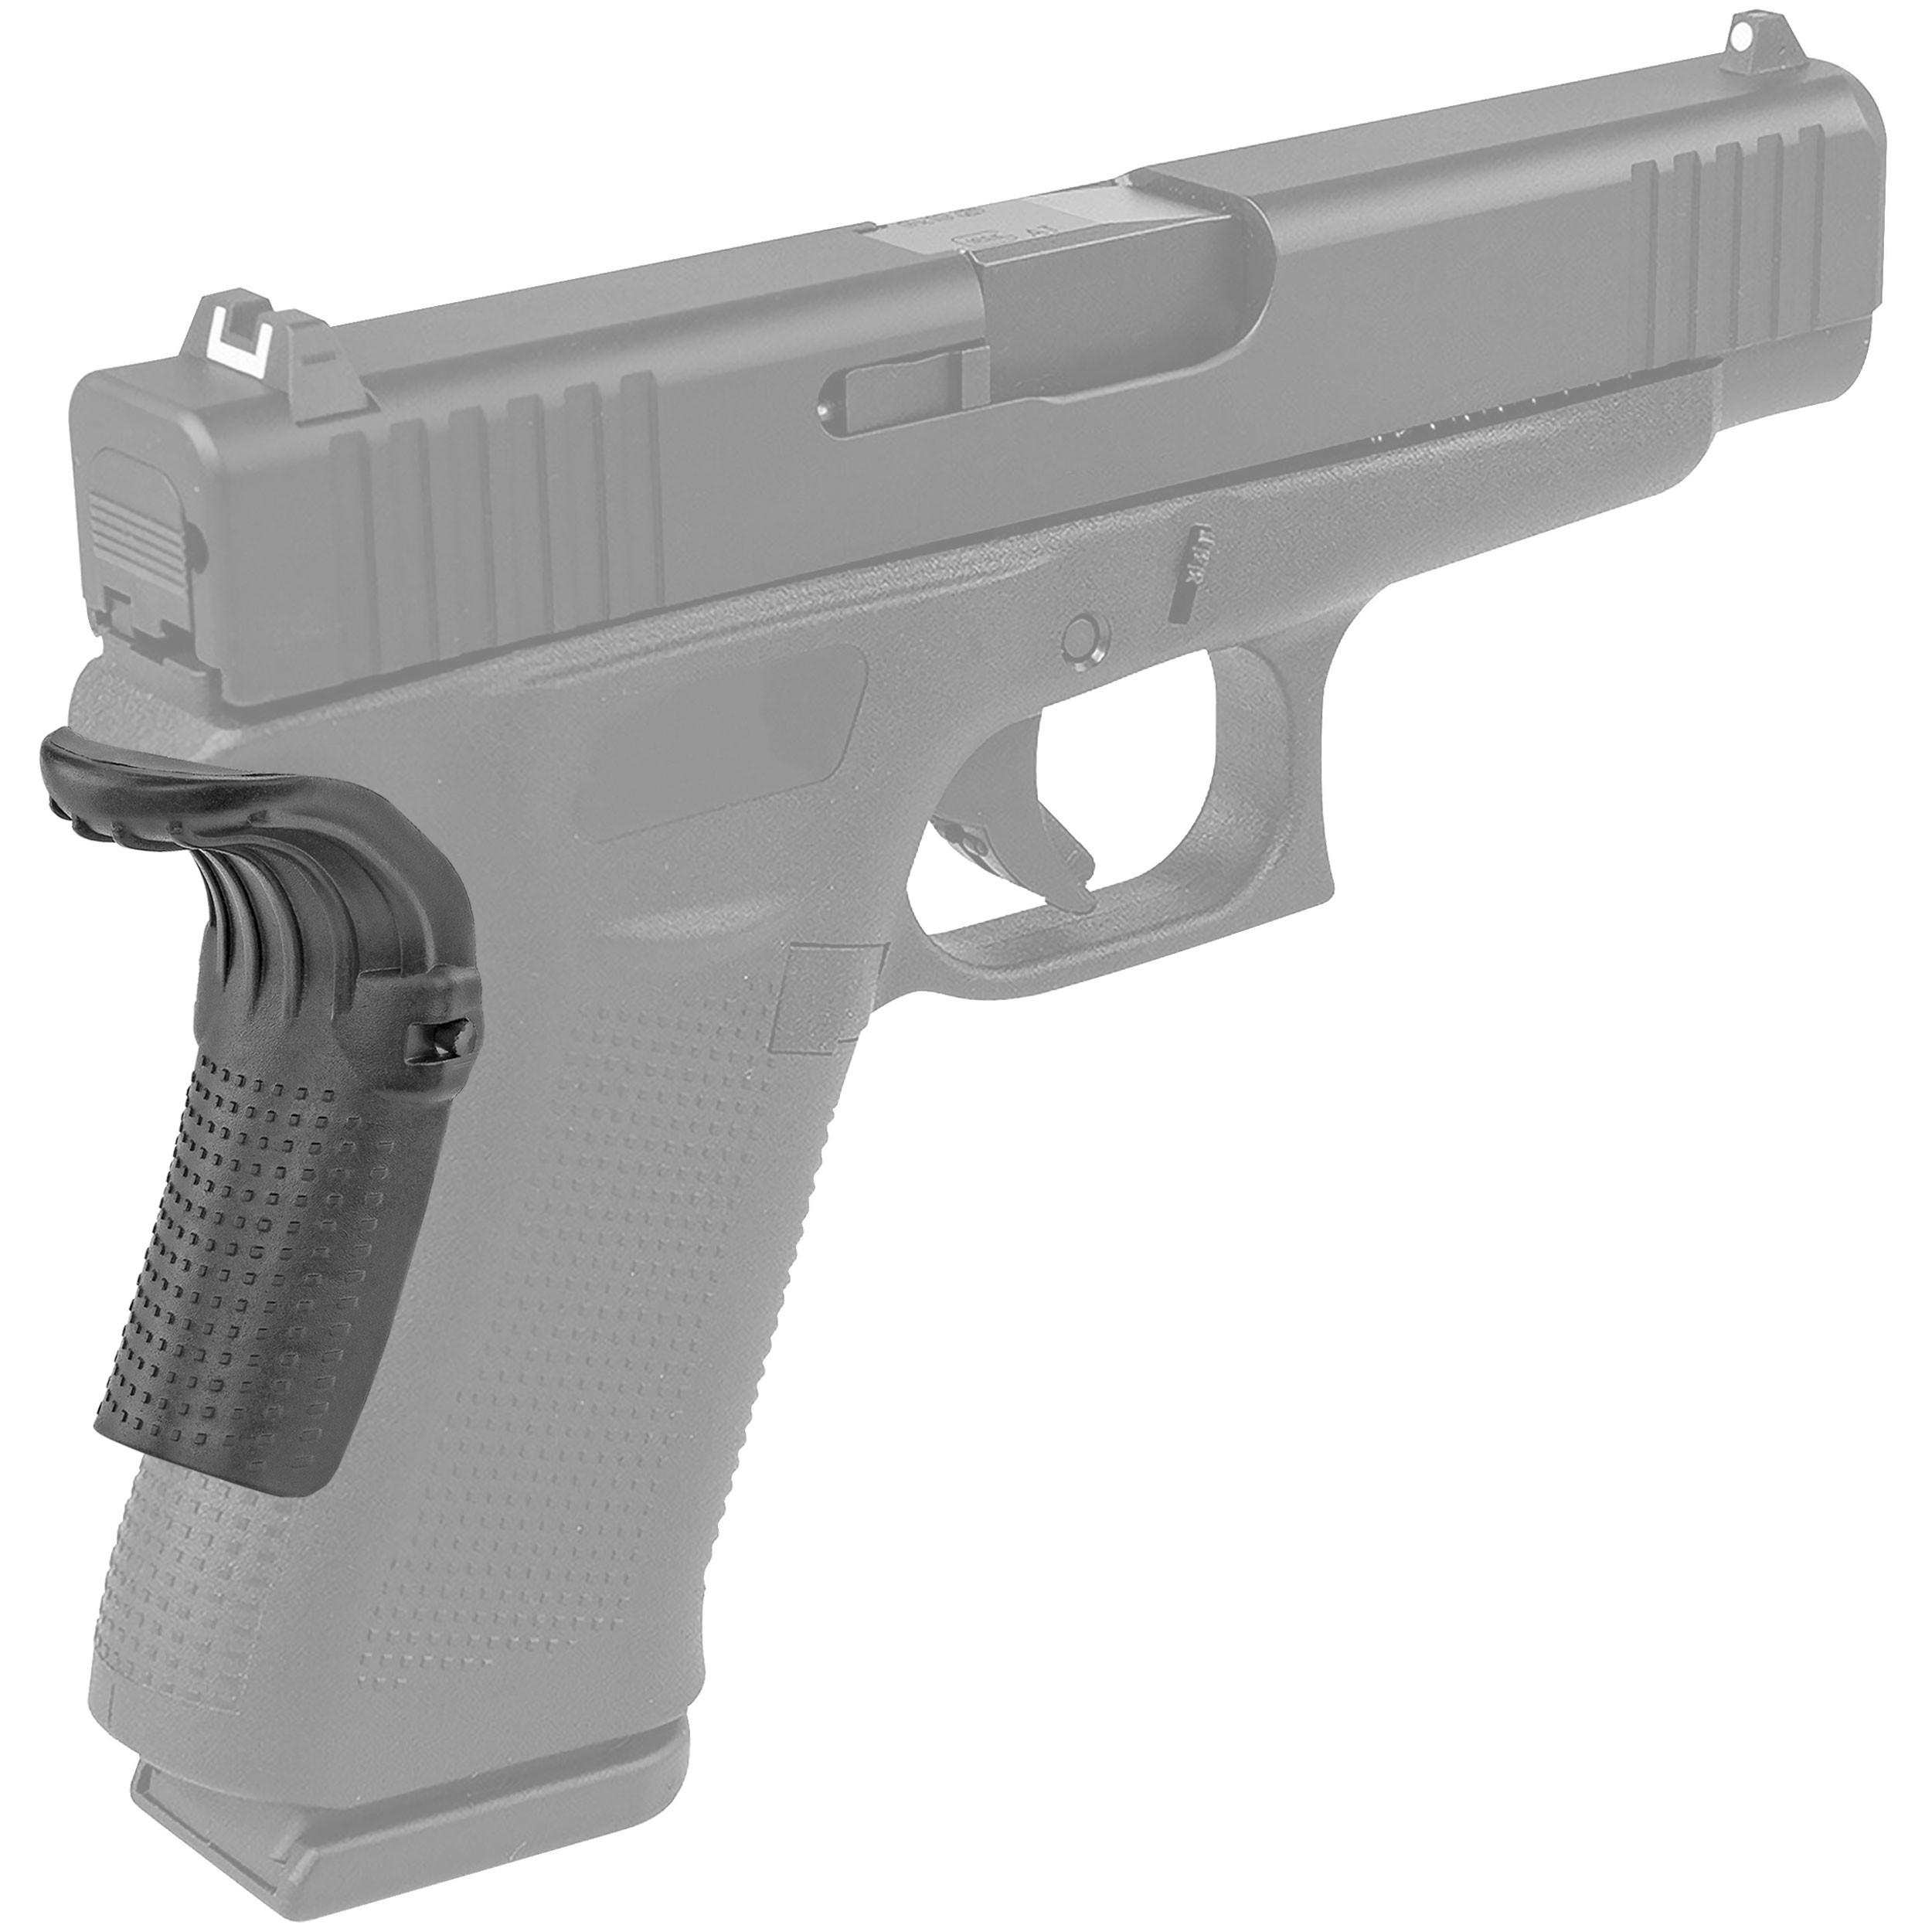 BeaverTail Adapter, Fits Glock: Gen 1 2 3 Glock 17 19 22 23 24 31 32 34 35 37 38